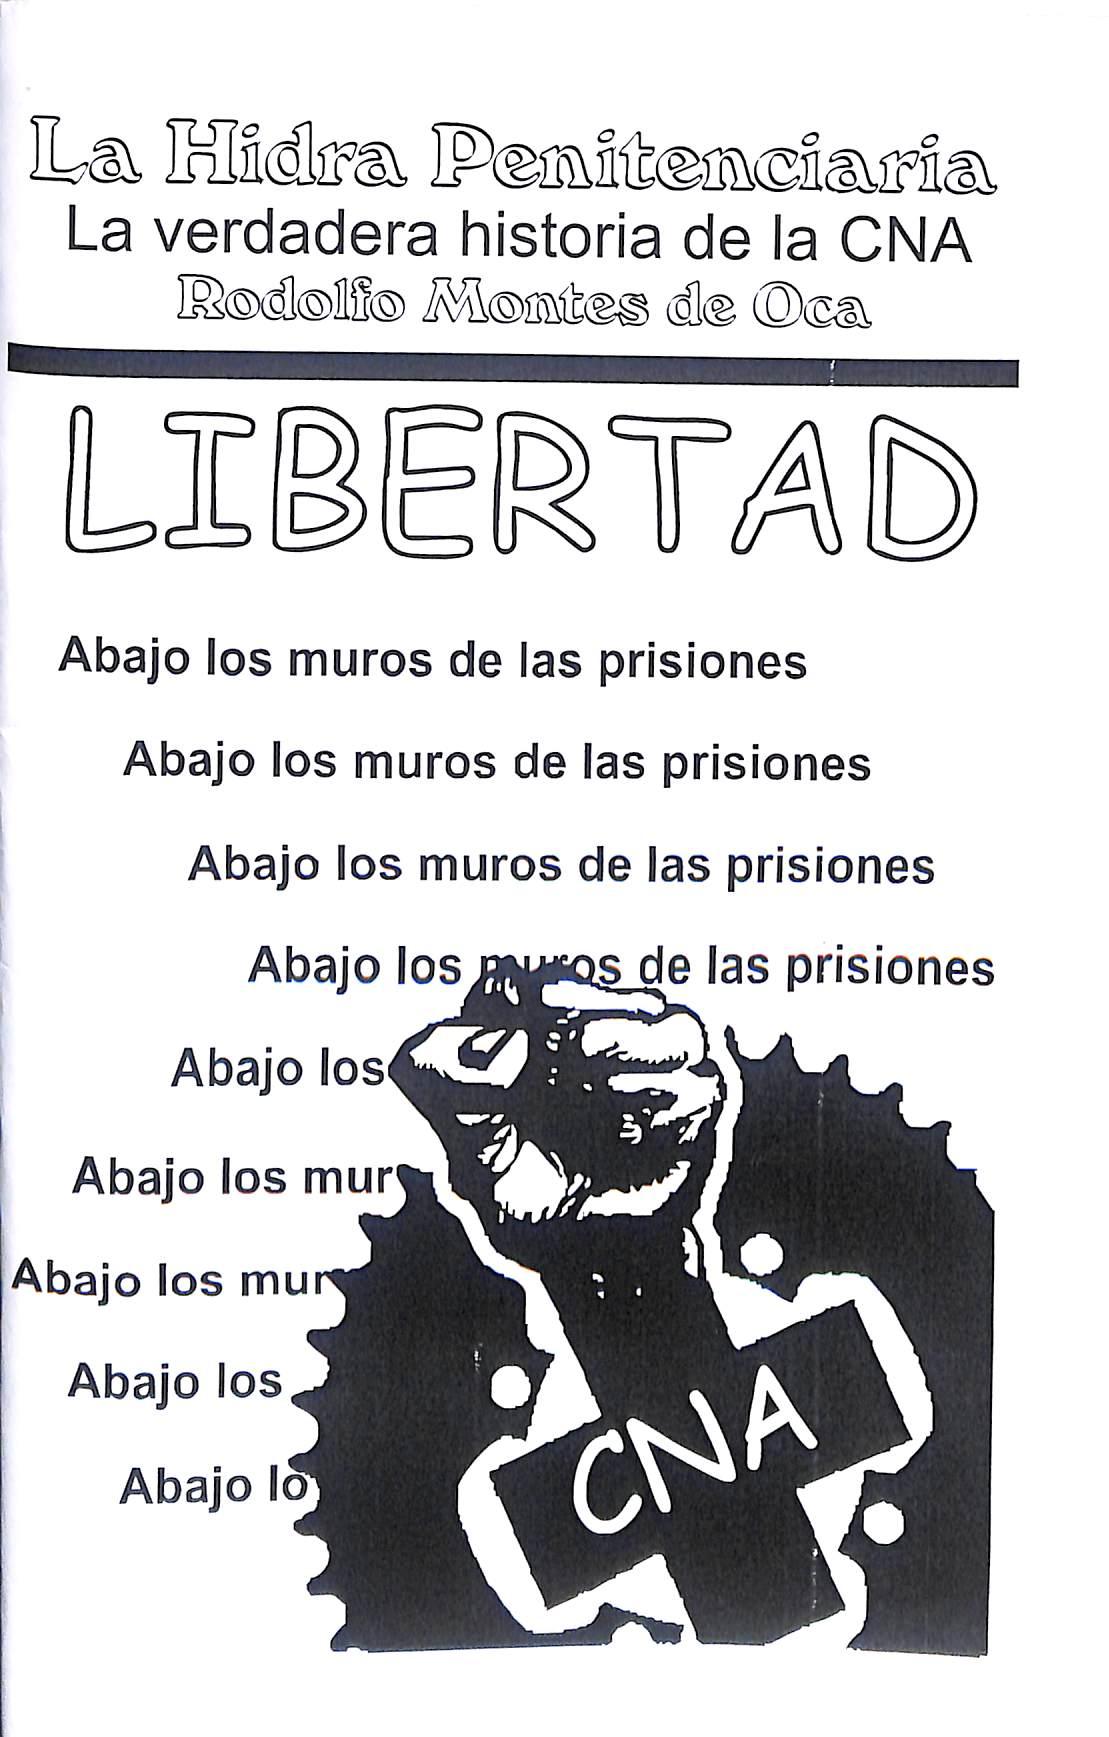 La Hidra Penitenciaria